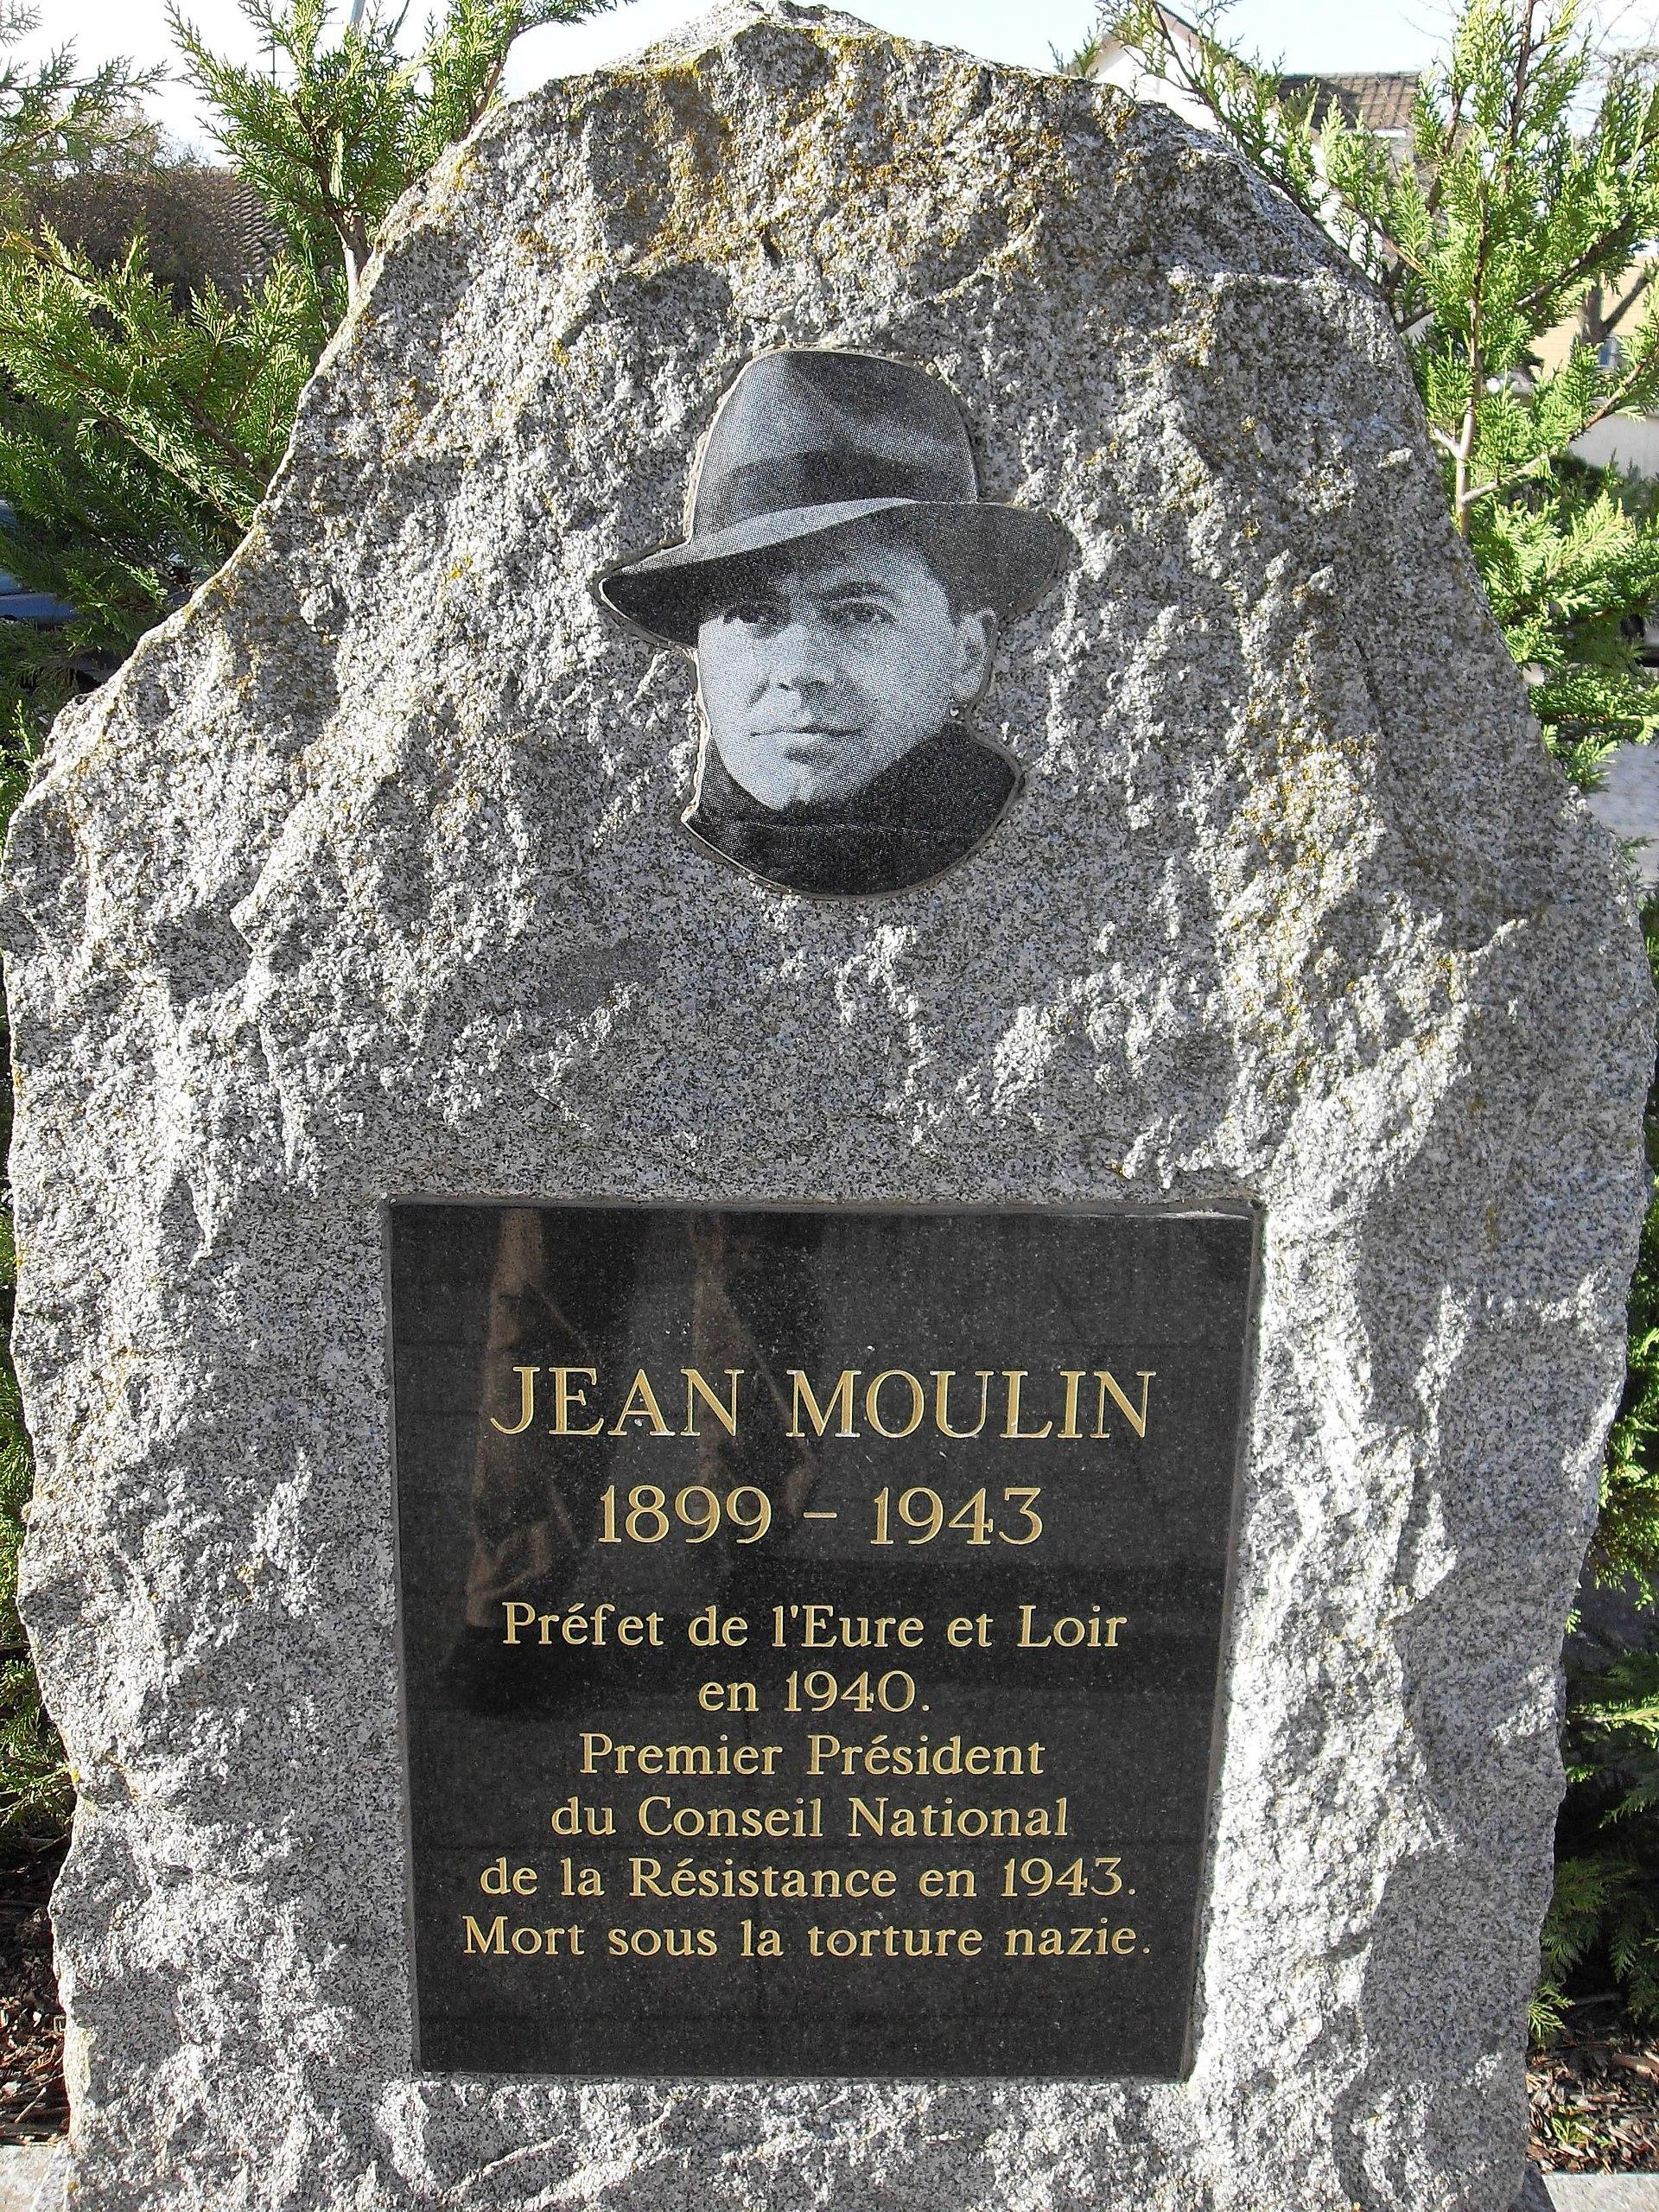 Jean Moulin u2014 Wikipédia # Ophtalmologue Les Clayes Sous Bois